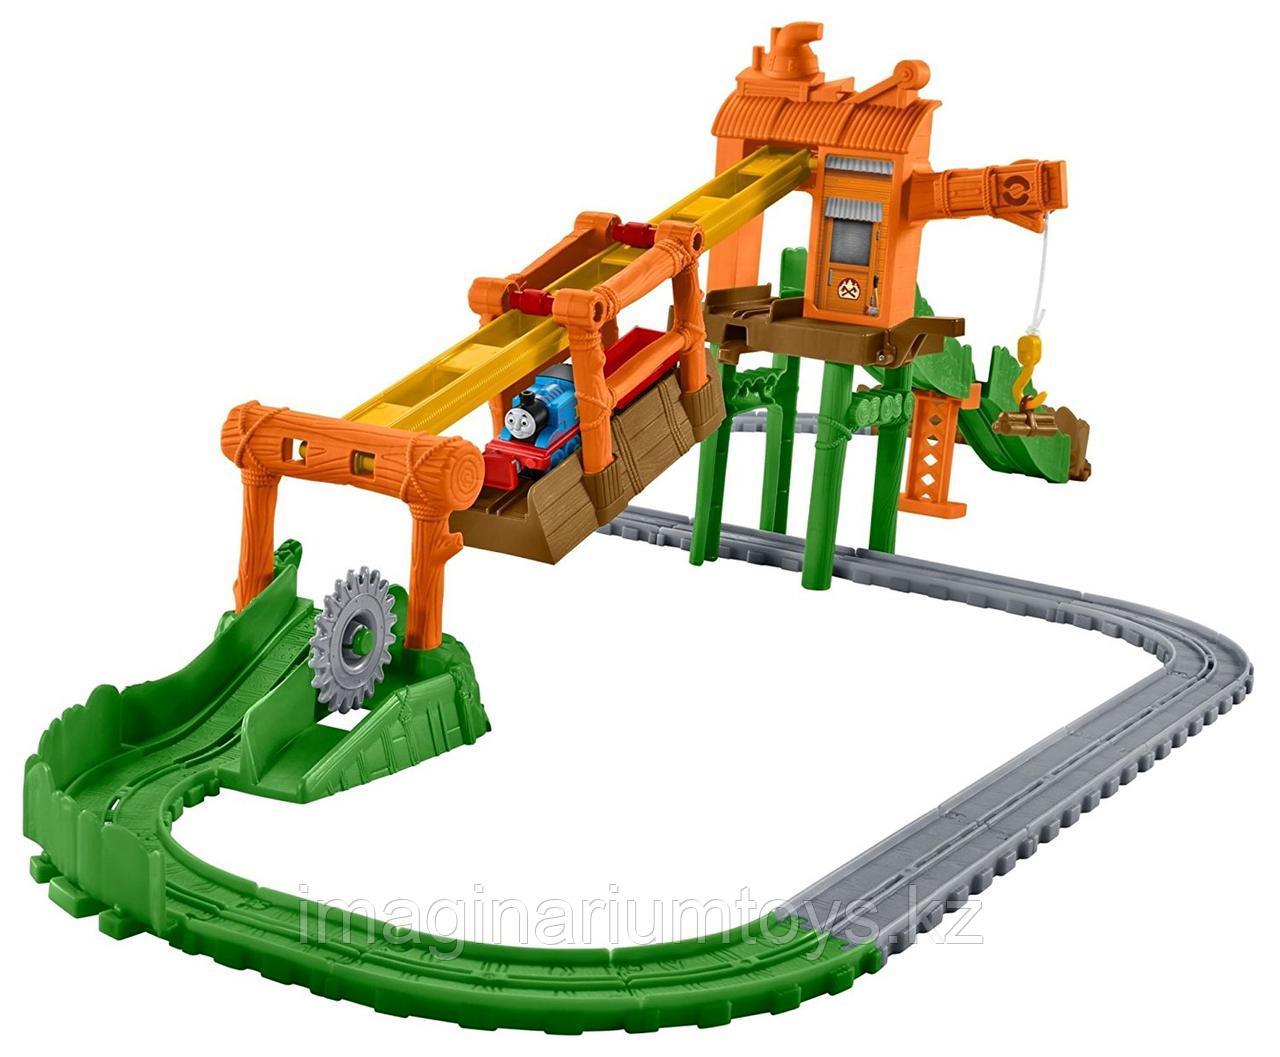 Железная дорога «Томас и друзья» Misty Island Zipline